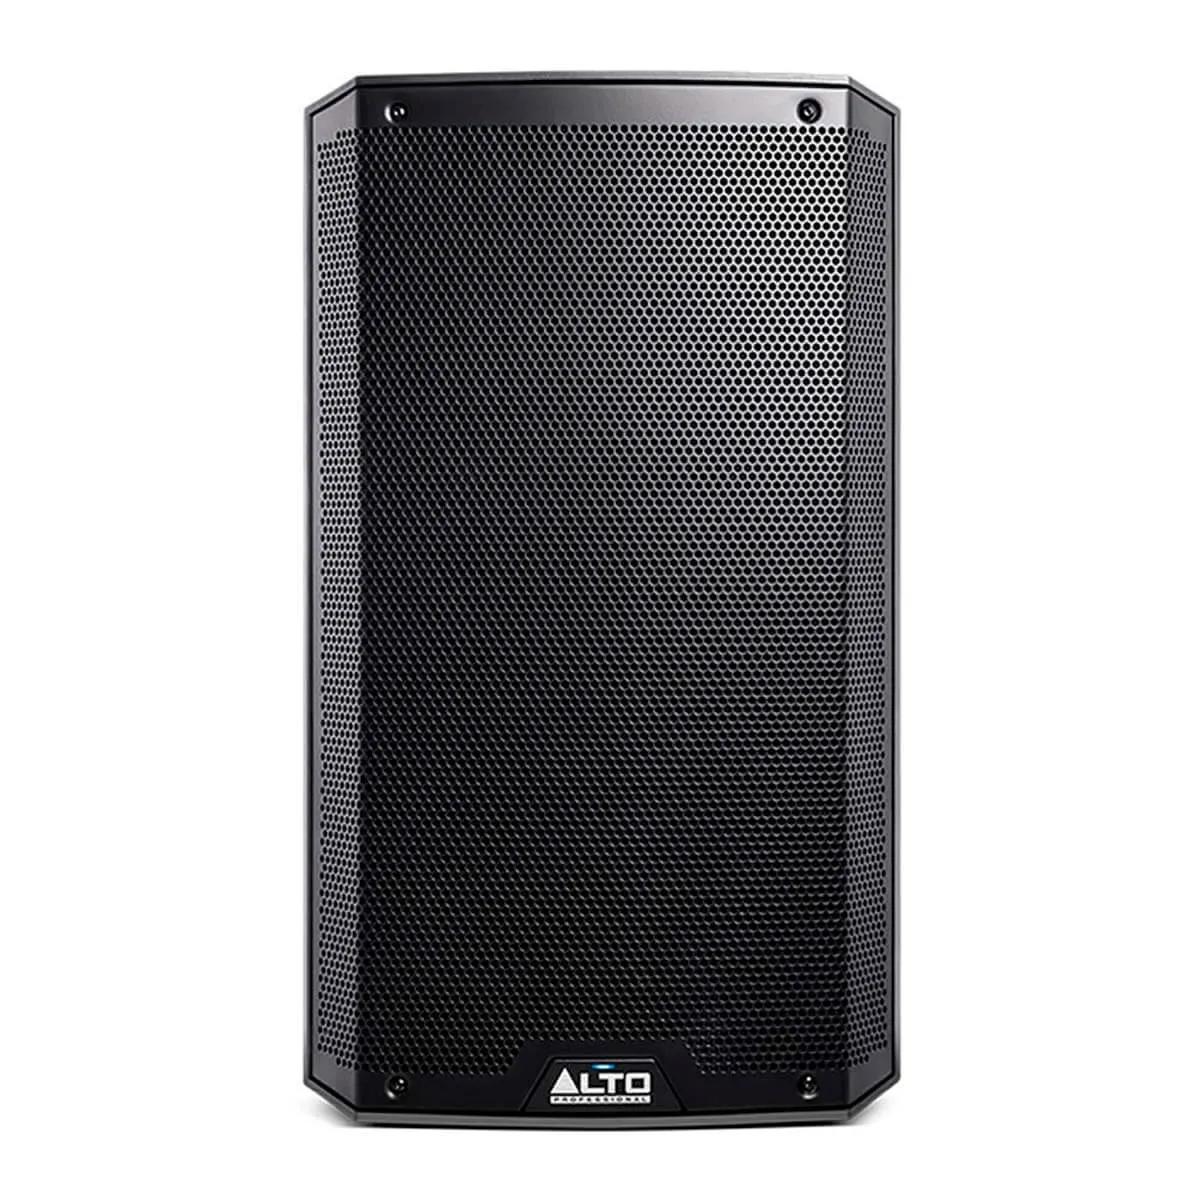 Caixa Acústica Ativa Alto Professional Truesonic TS312 2000W